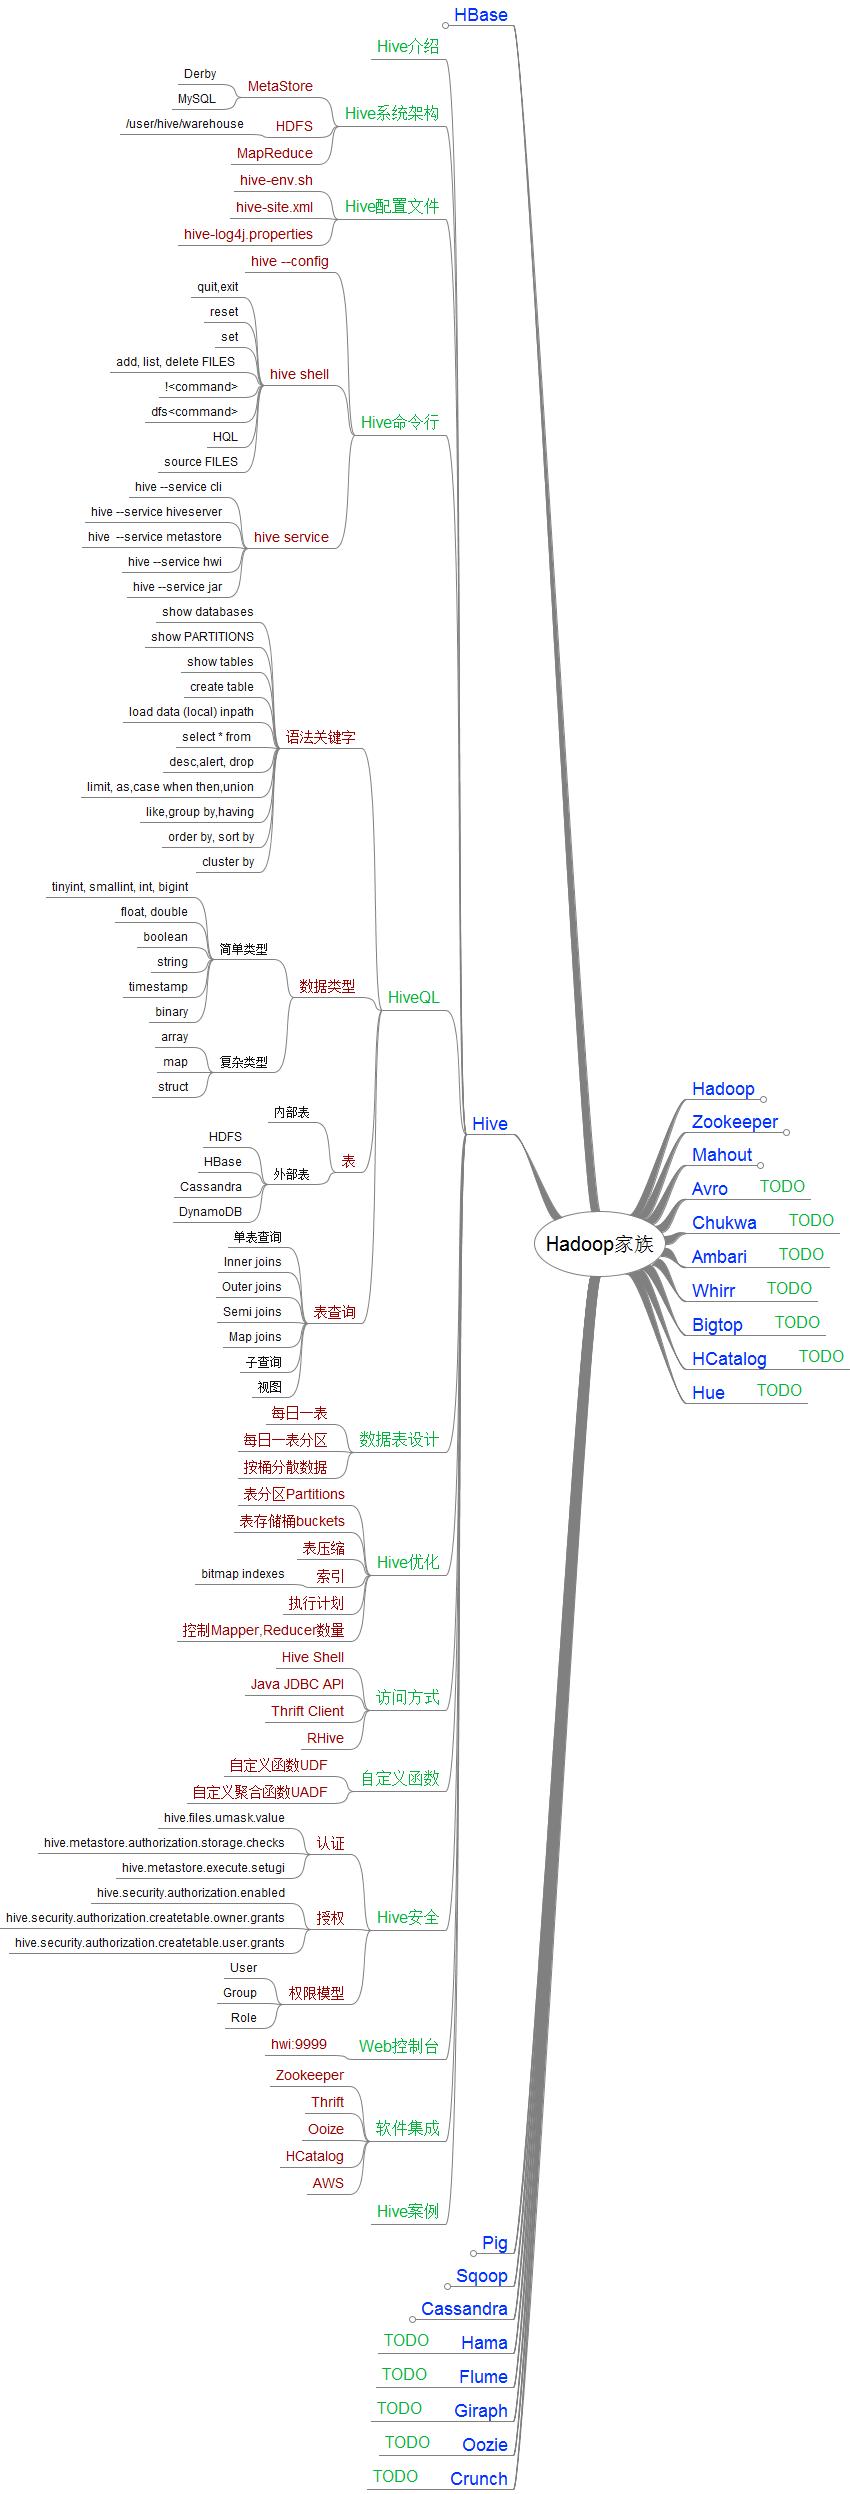 hadoop-hive-roadmap